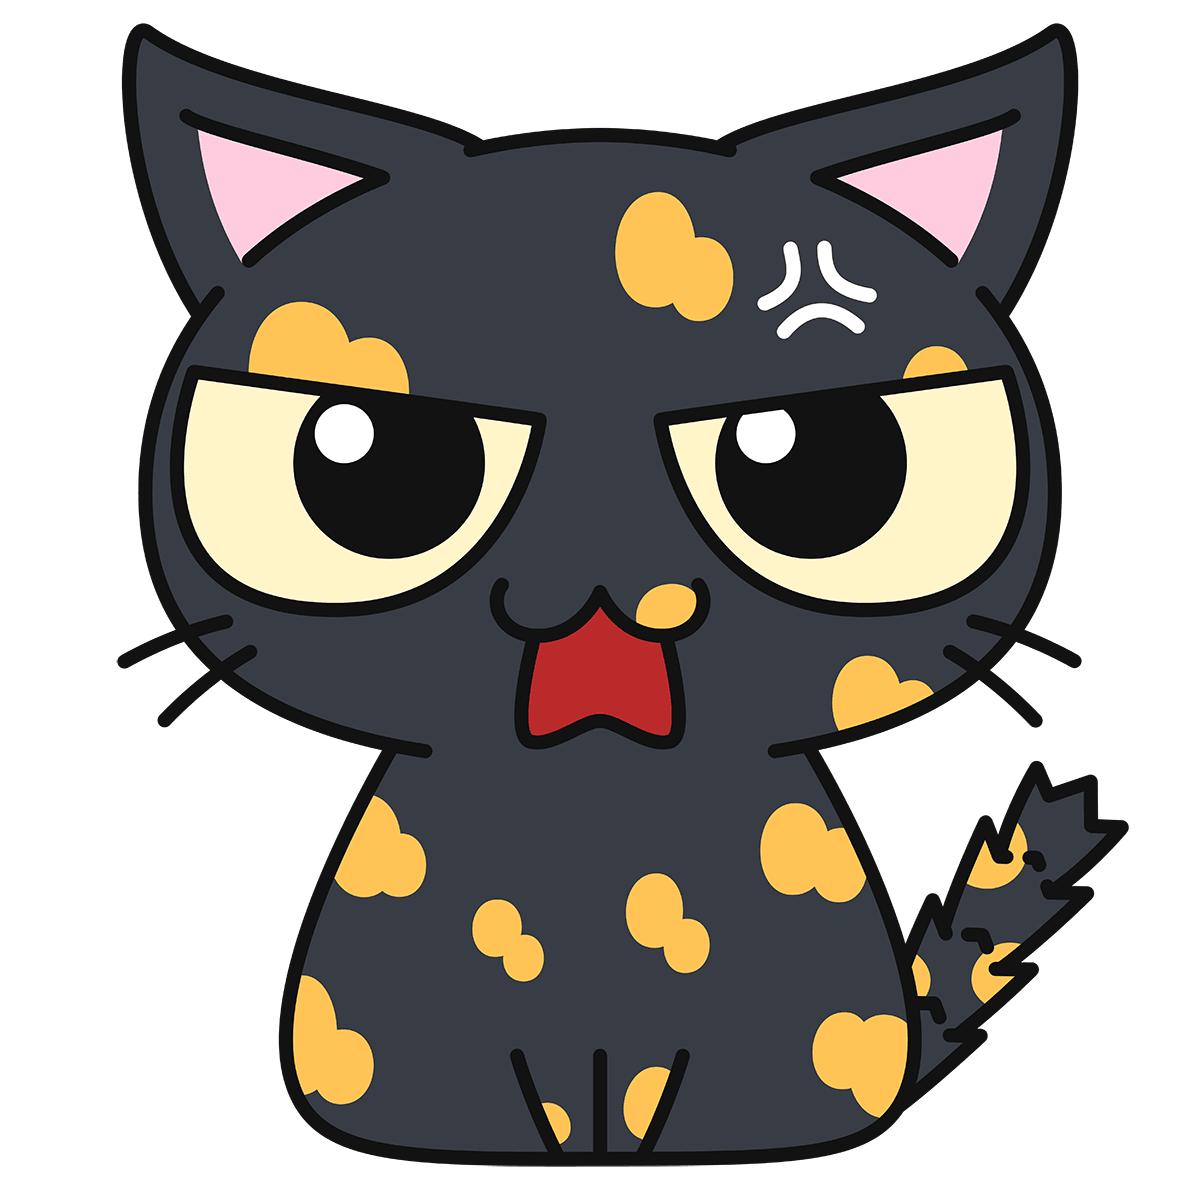 サビ猫(怒る)の無料イラスト